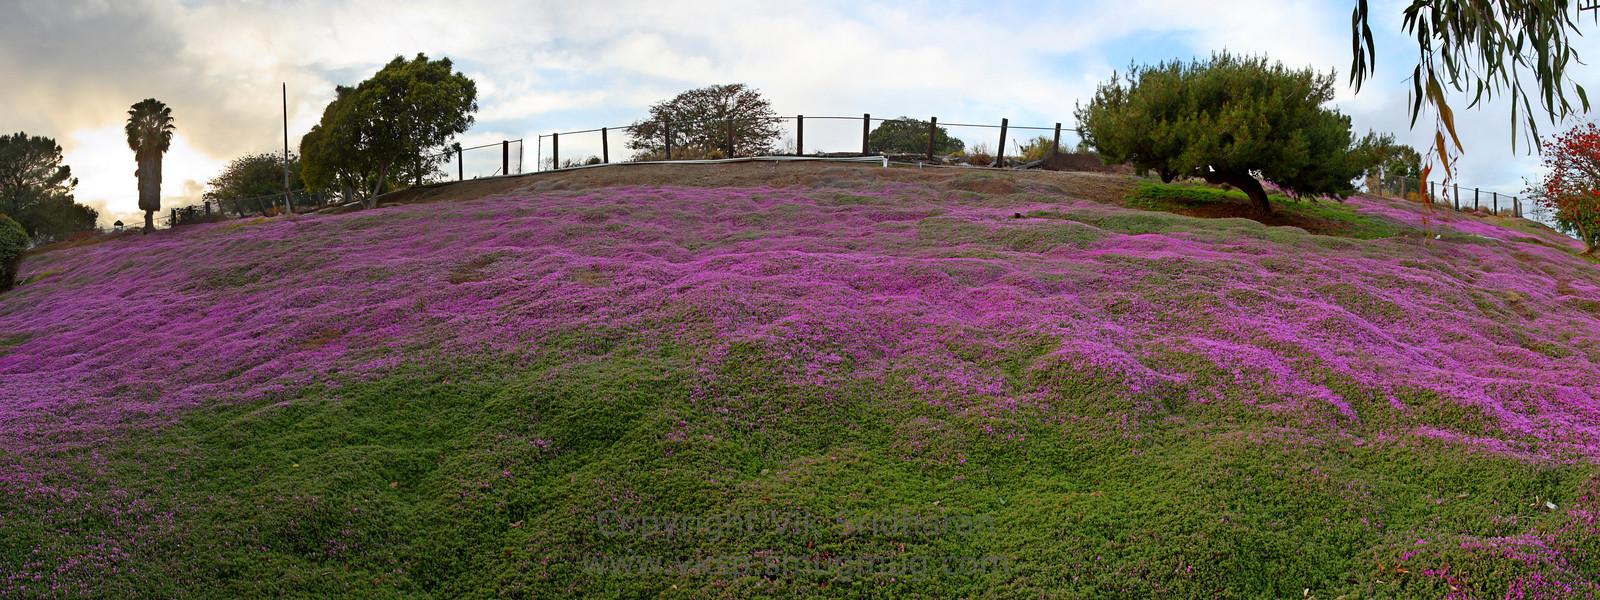 http://www.vksphoto.com/Landscapes/California/Panoramas/i-gRrwvJM/1/X3/hillside-in-bloom-2-X3.jpg